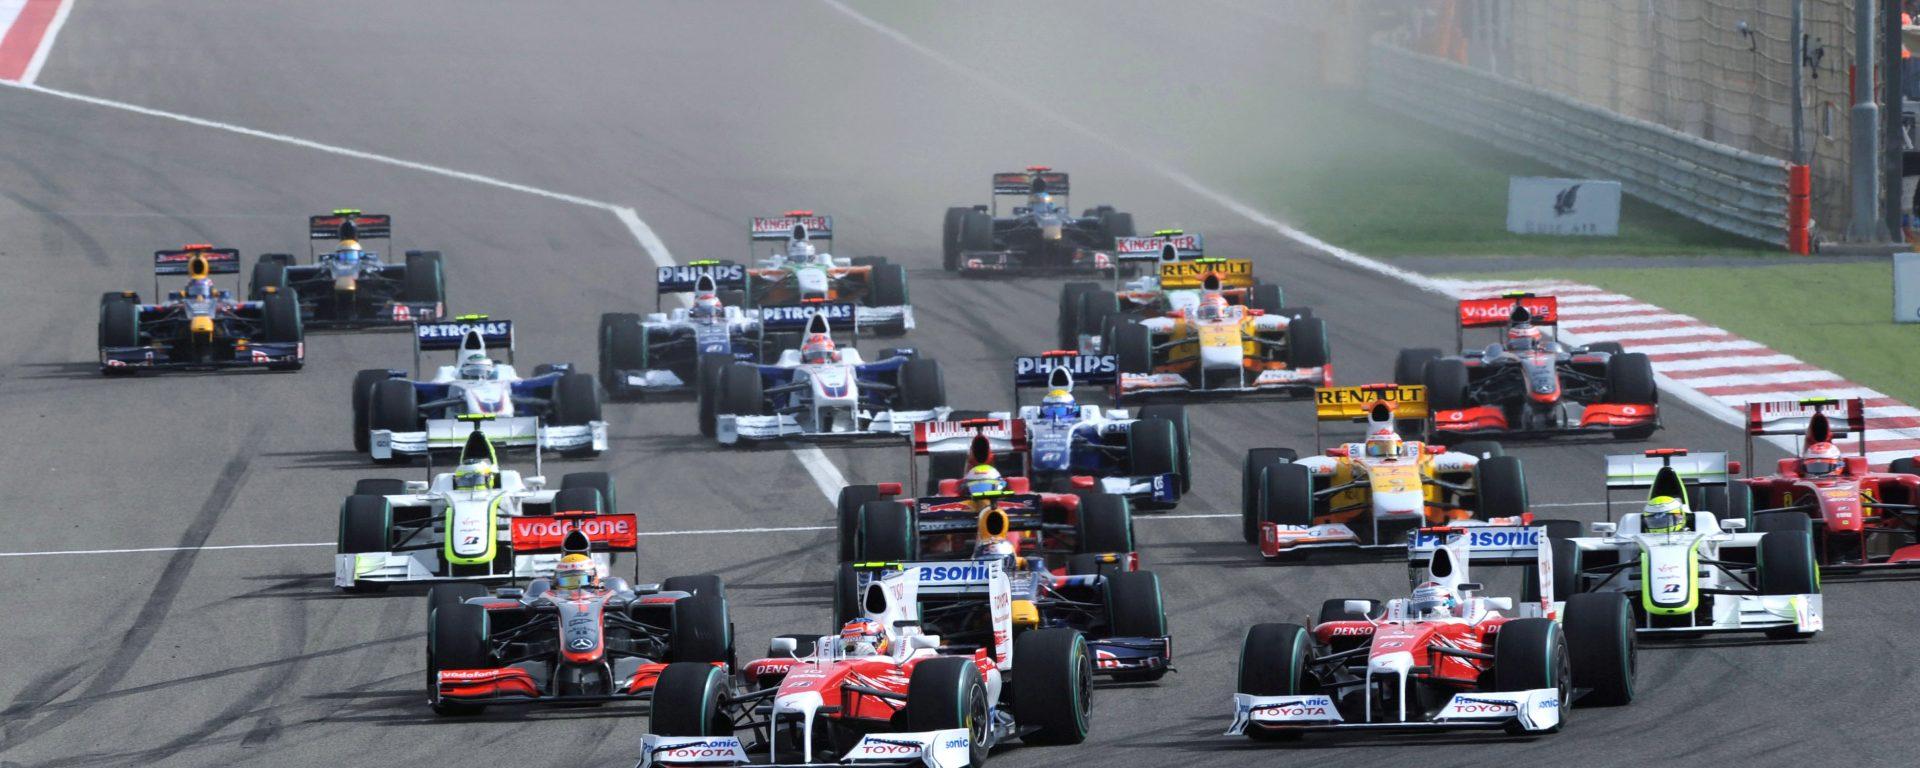 Saison 2017 formule 1 10 curies sur la ligne de d part - Grille de depart formule 1 ...